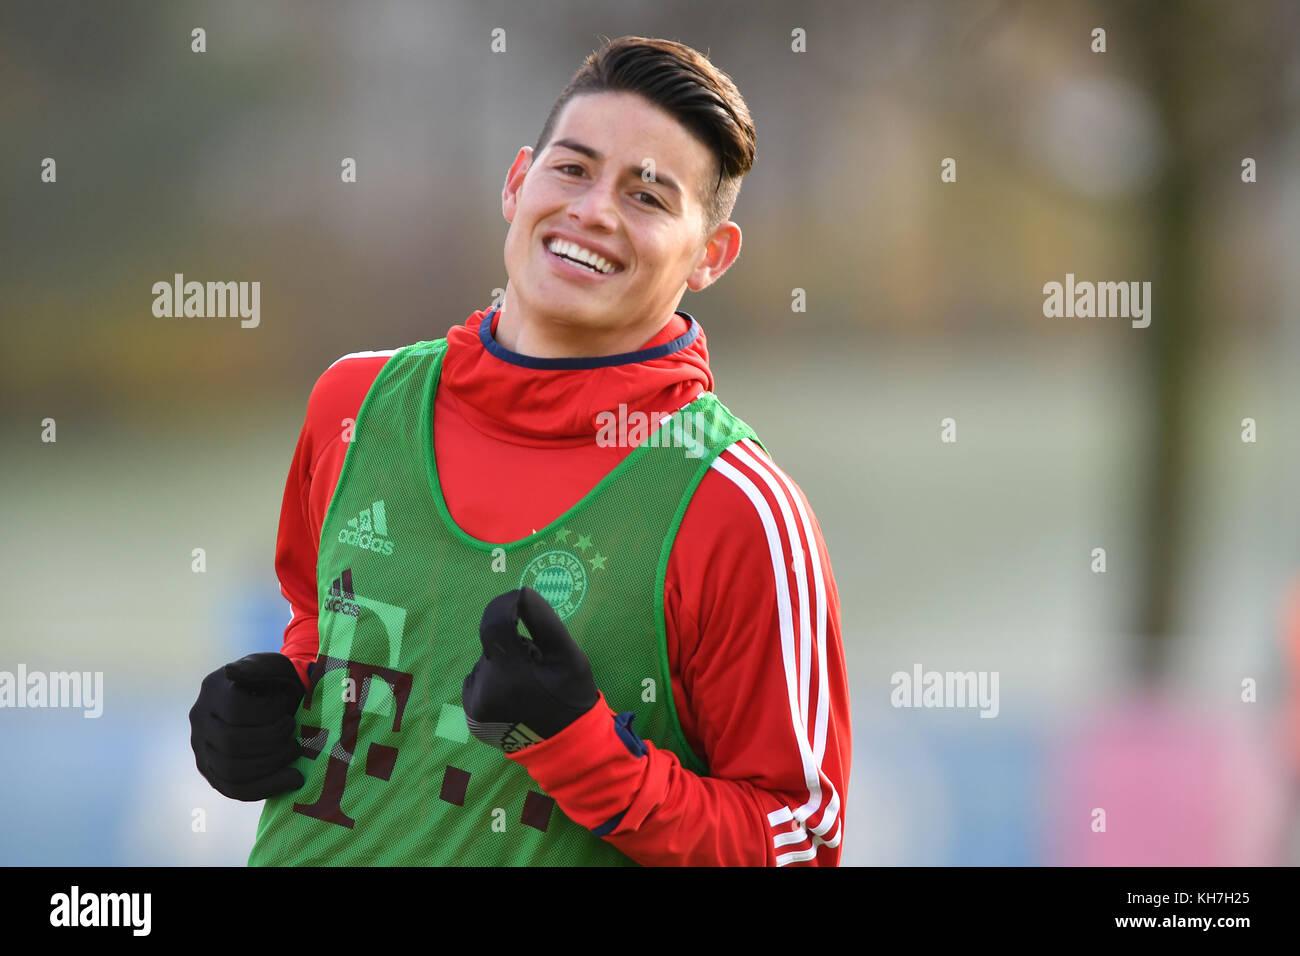 Muenchen Deutschland 14th Nov 2017 James RODRIGUEZ FC Bayern Munich